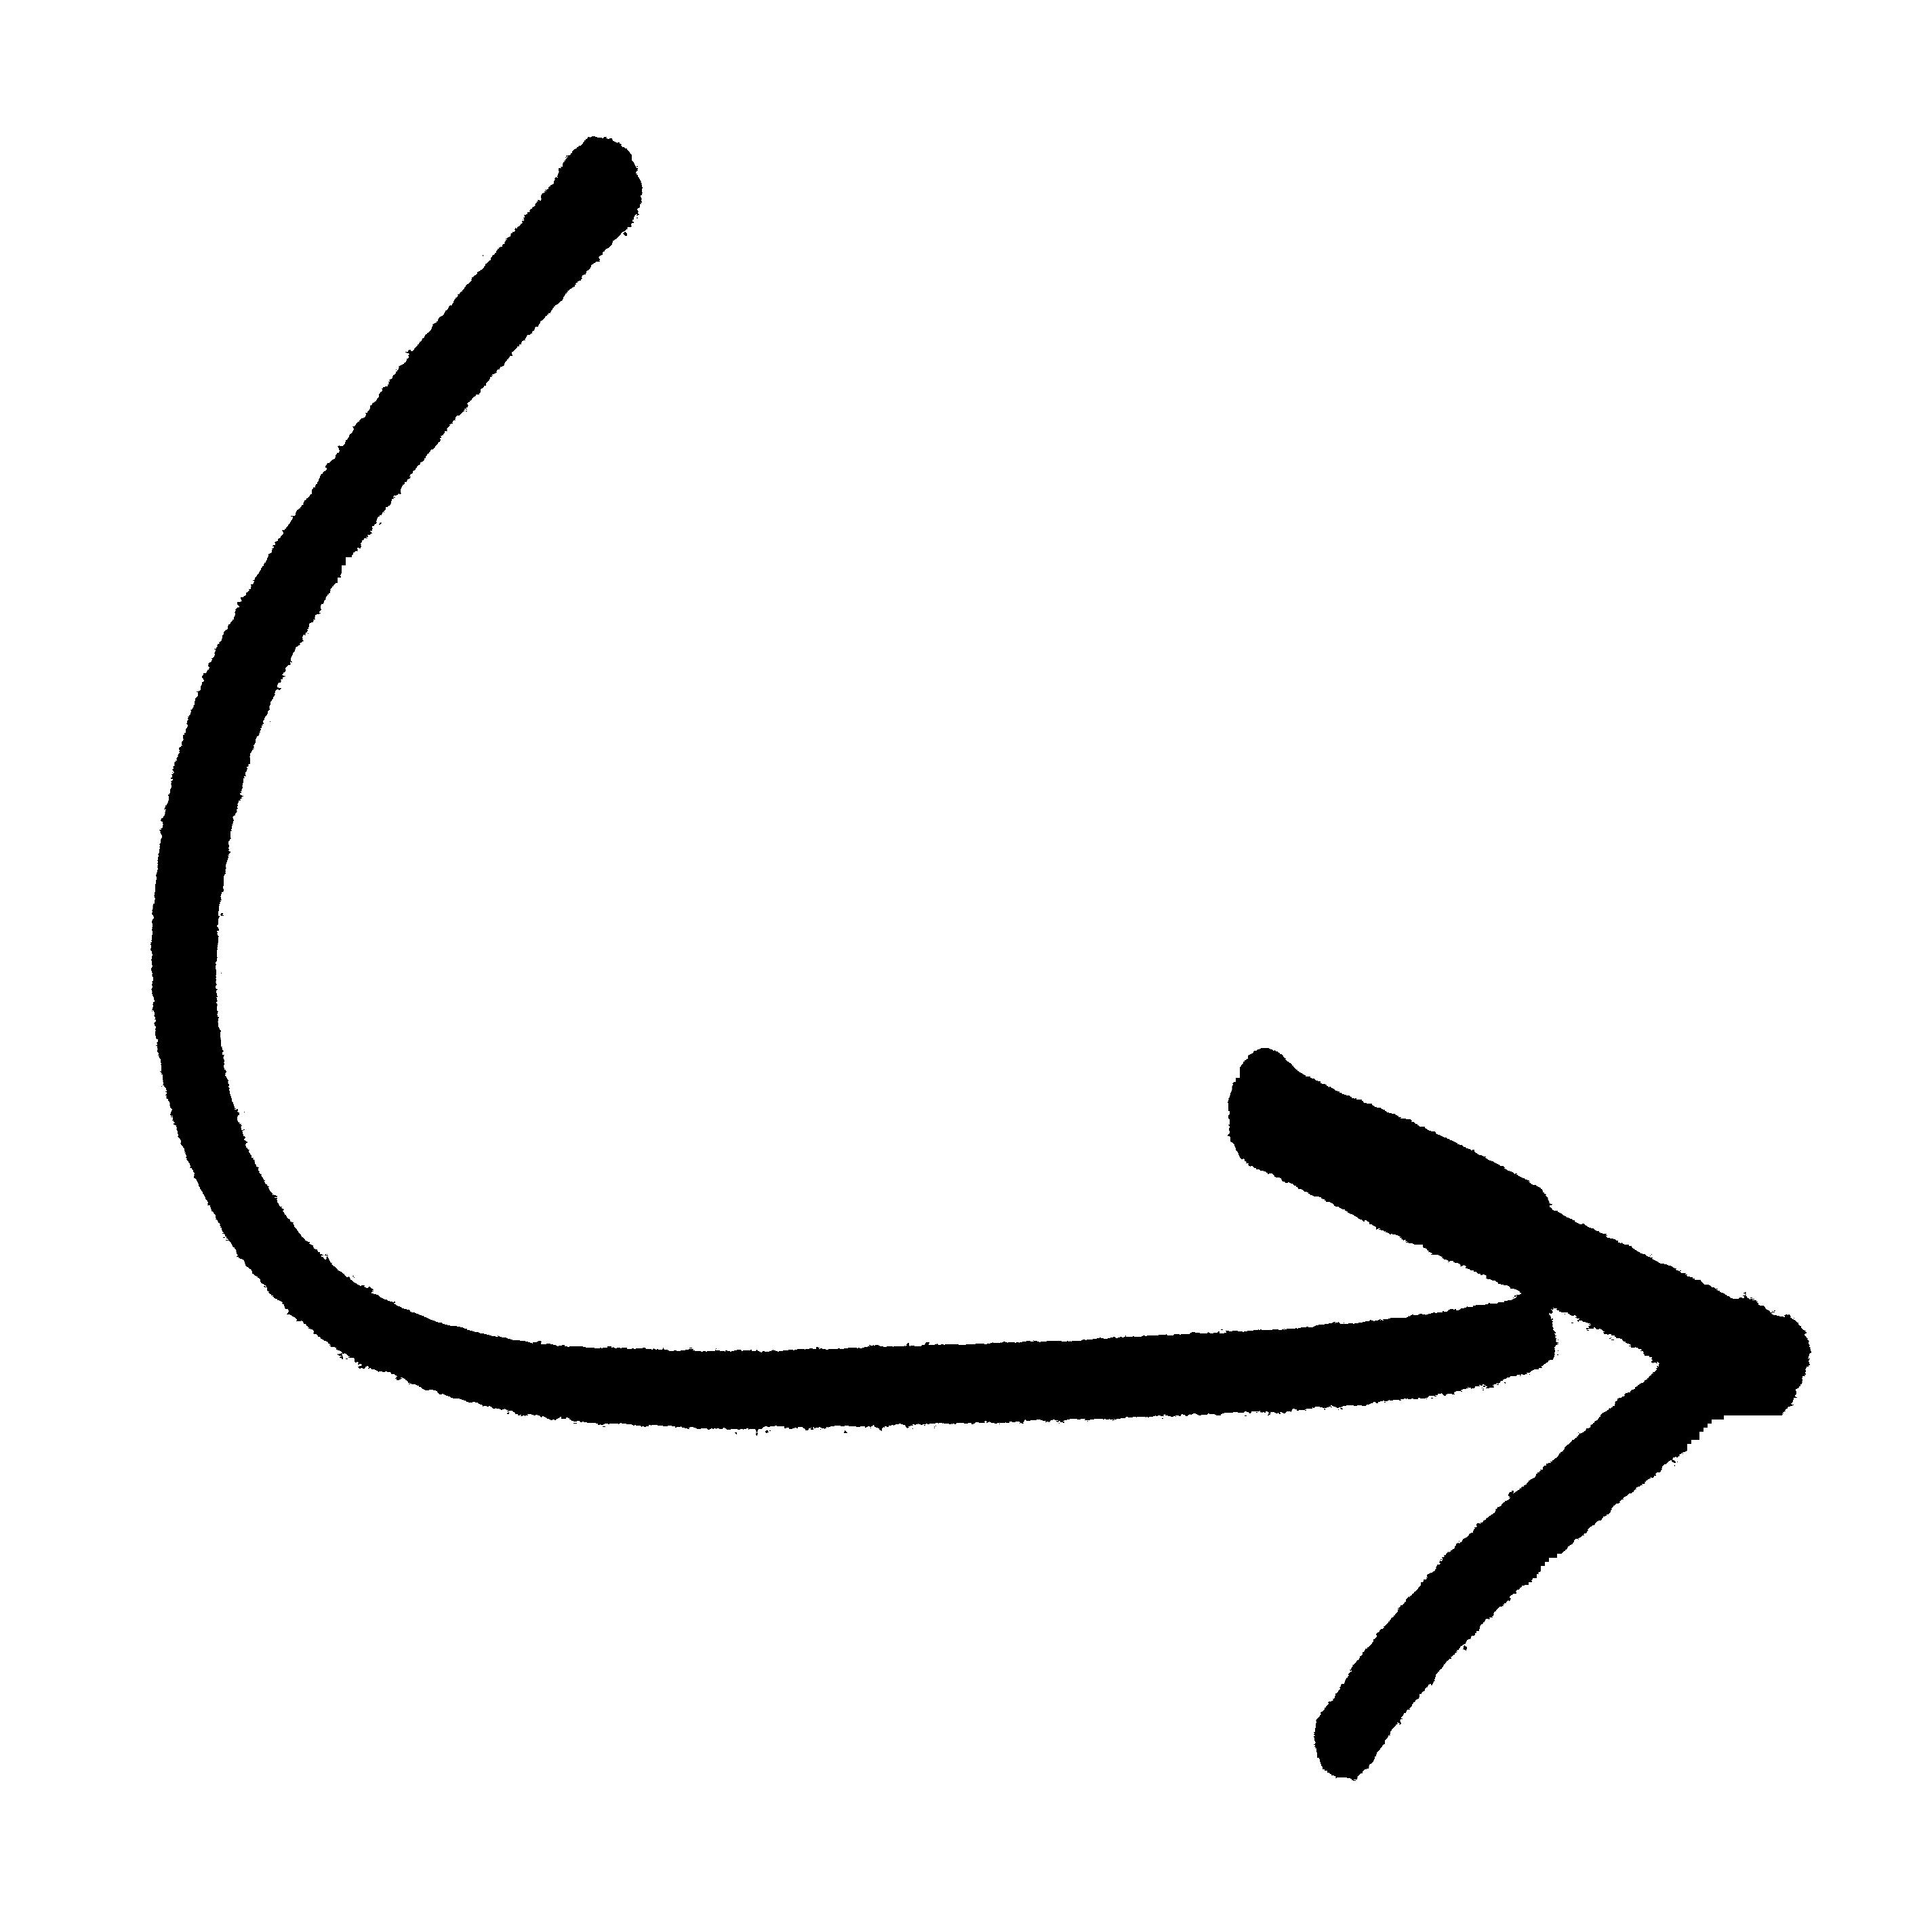 Black Curved Arrow Clipart.